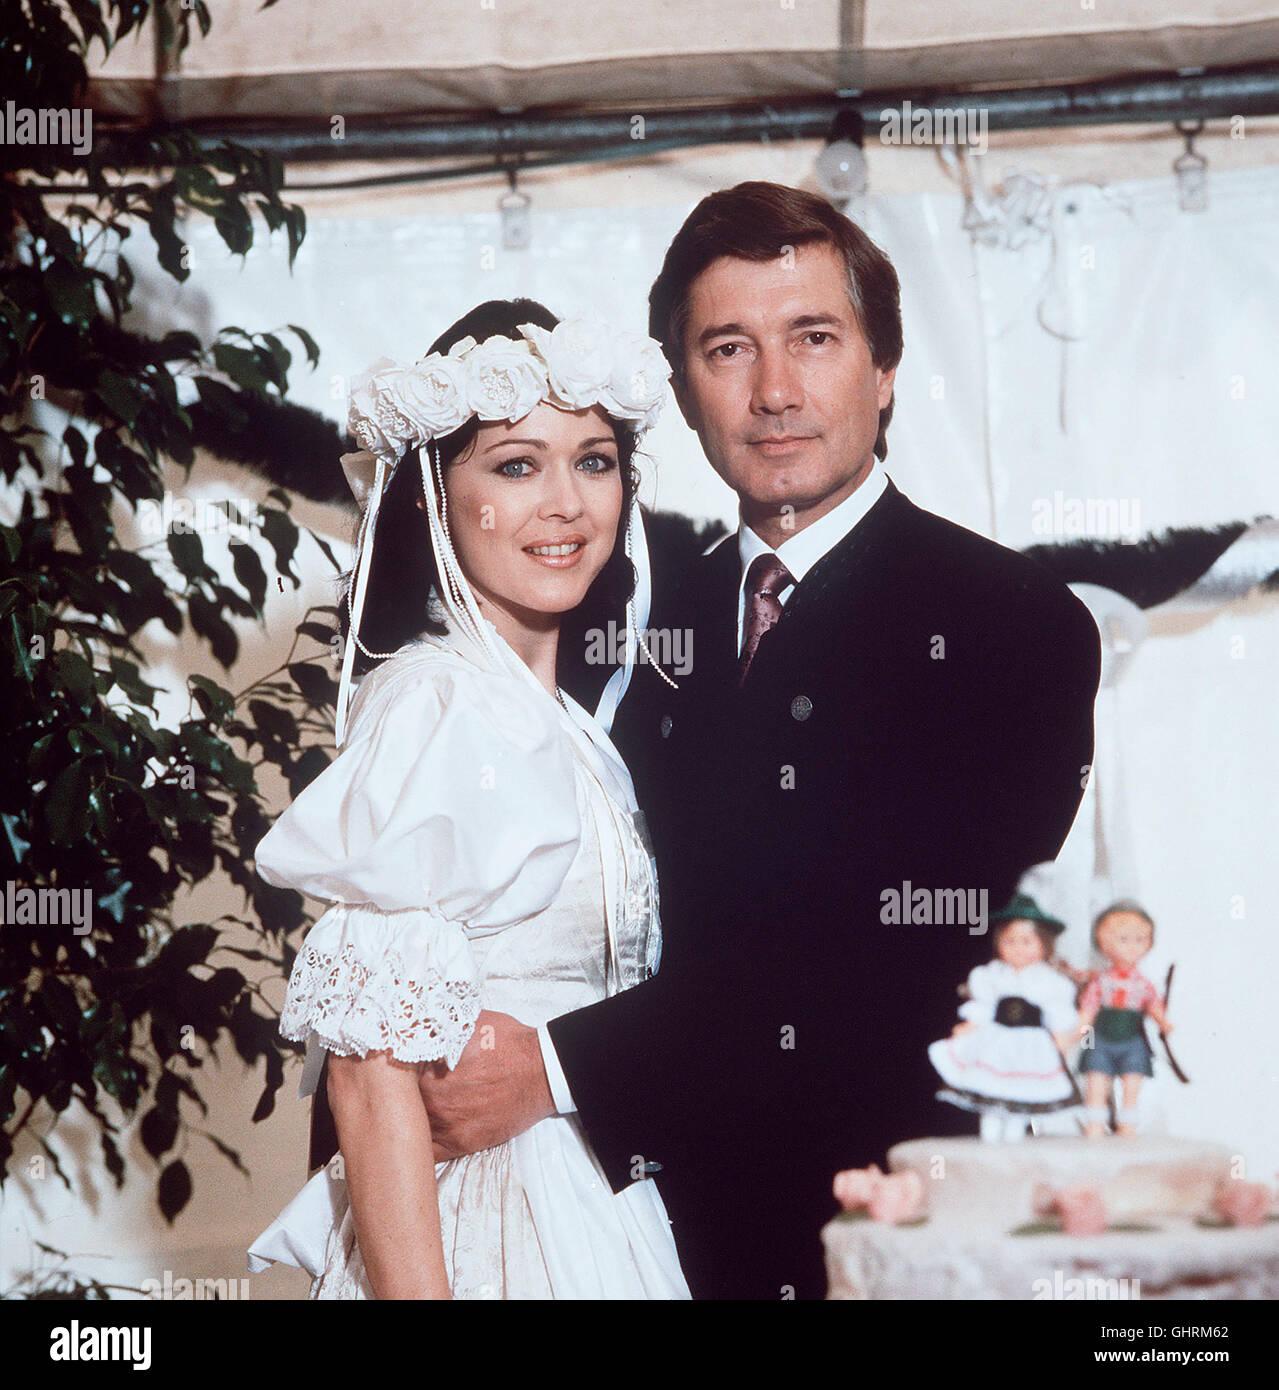 Folge: Hochzeit Es darf gefeiert werden Angelika (ANJA KRUSE) und Martin Rombach (CHRISTIAN WOLFF) heiraten. Regie: Stock Photo